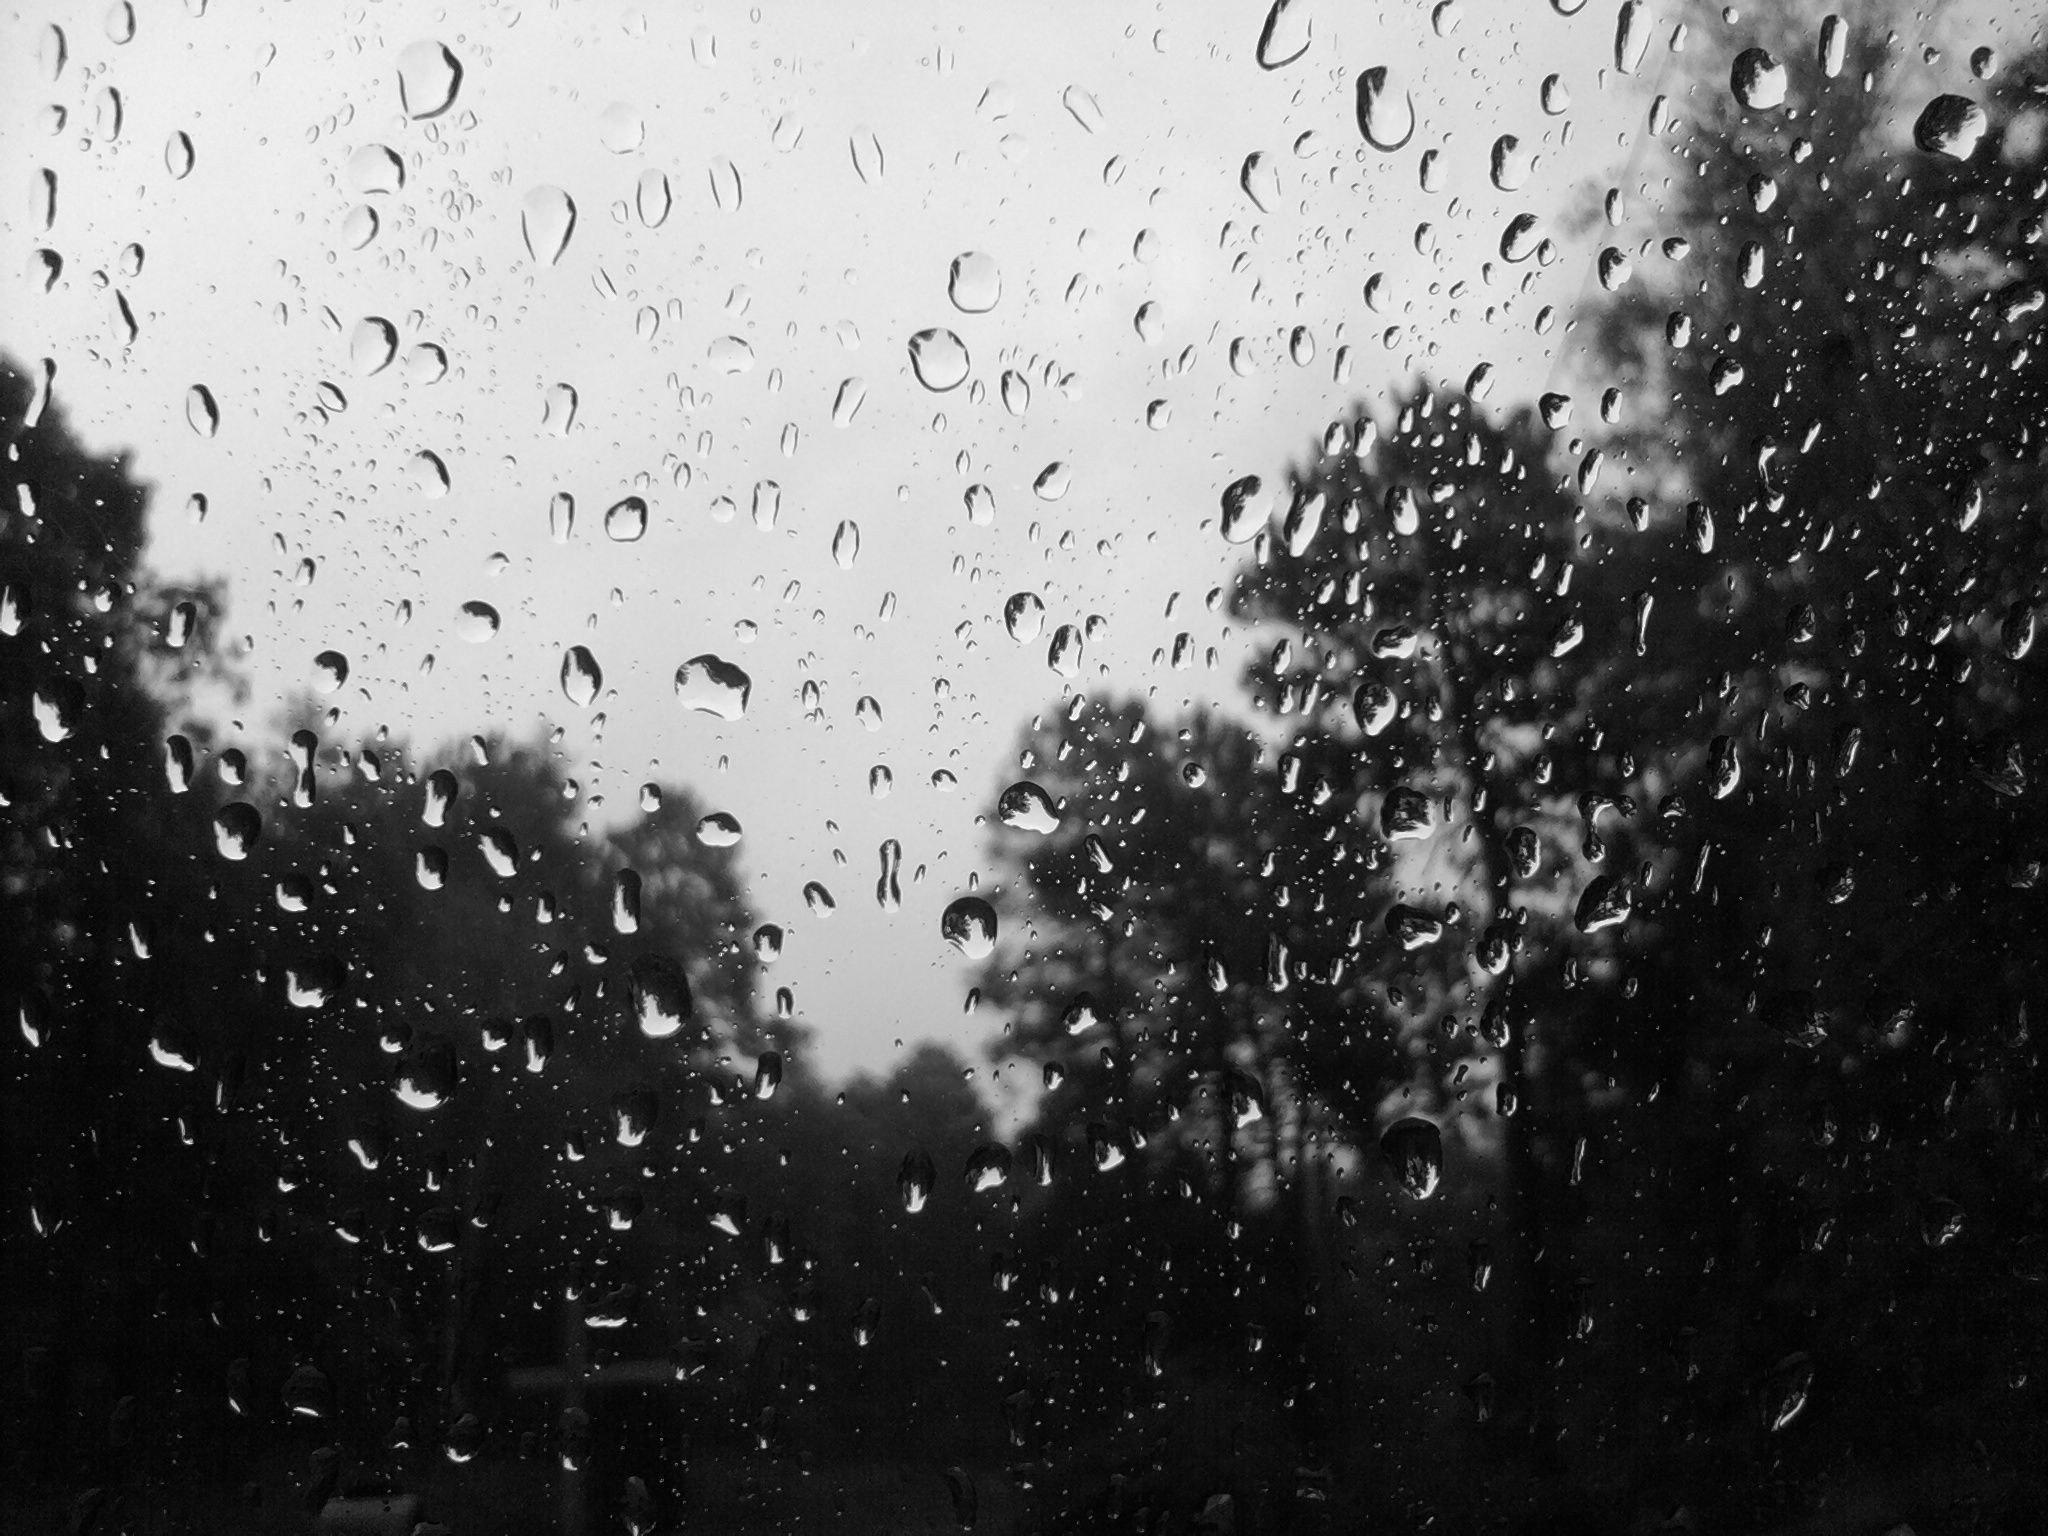 wallpaper : 2048x1536 px, rain, water on glass 2048x1536 - goodfon